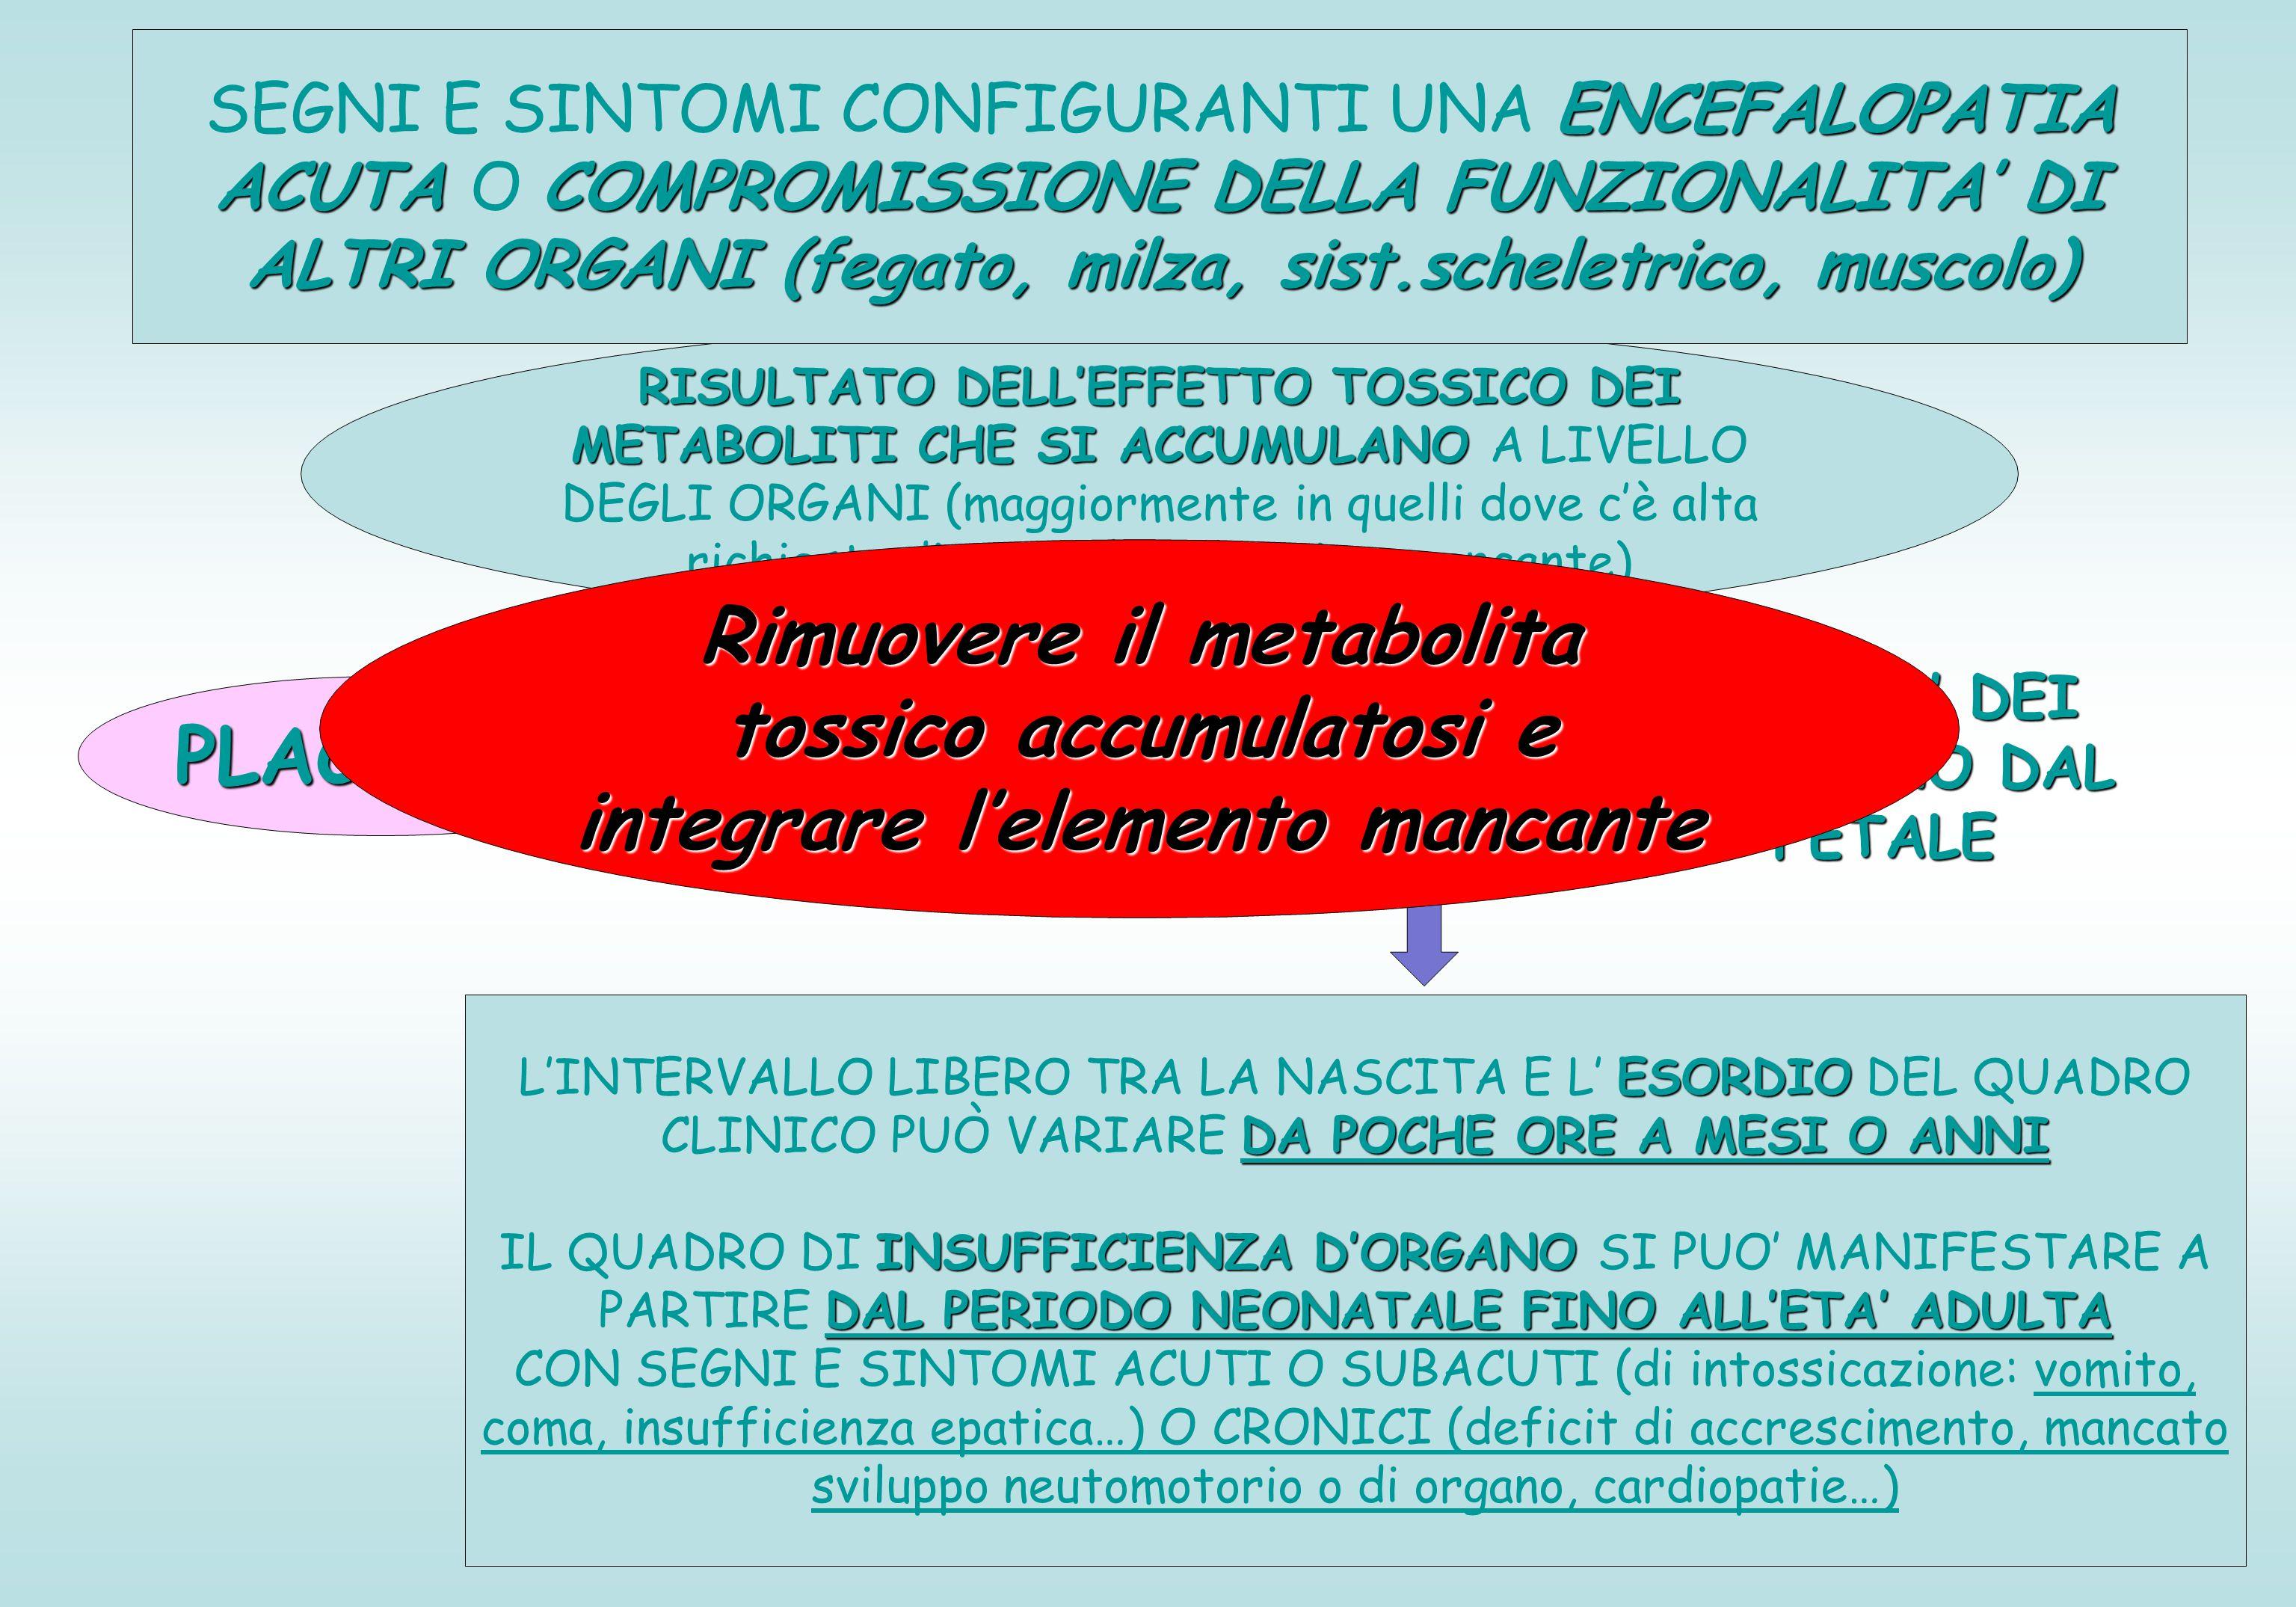 SEGNI E SINTOMI CONFIGURANTI UNA ENCEFALOPATIA ACUTA O COMPROMISSIONE DELLA FUNZIONALITA' DI ALTRI ORGANI (fegato, milza, sist.scheletrico, muscolo)